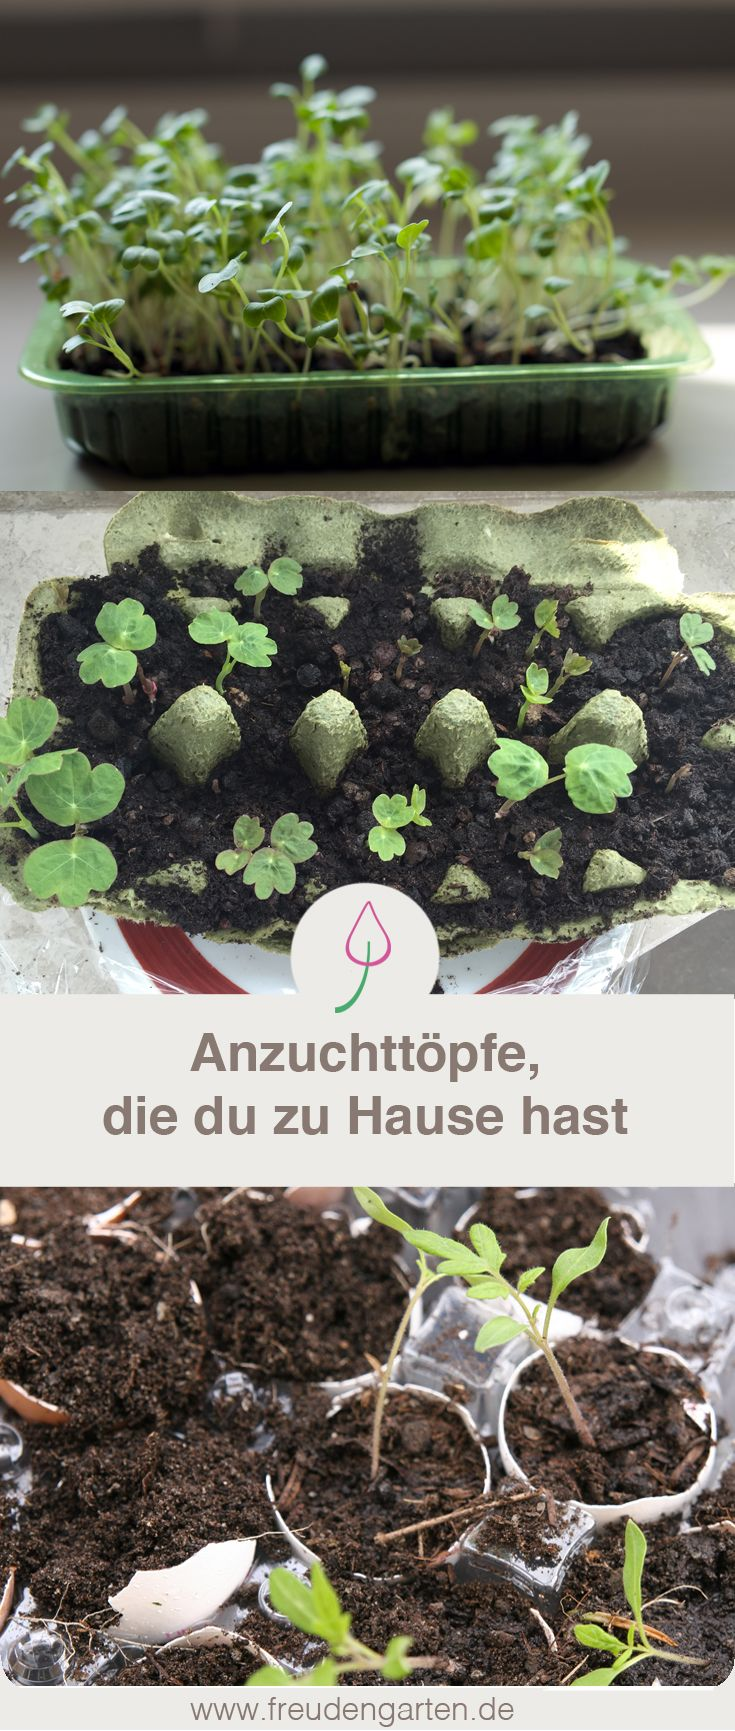 Pflanzen vorziehen in Anzuchttöpfen, die nichts kosten. #Garten #Gartenidee #Gartentipp #Gärtnern